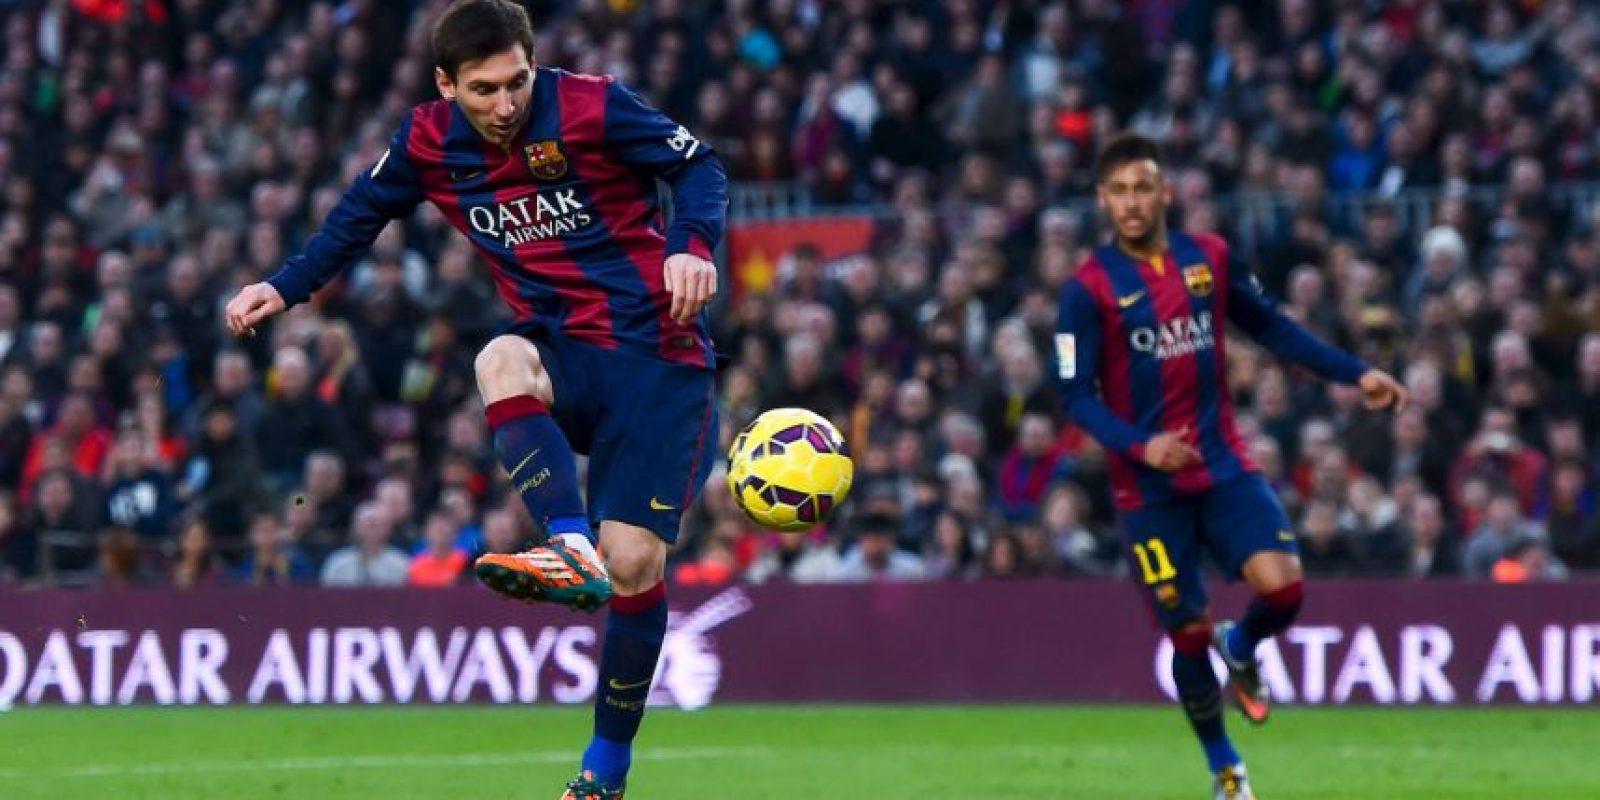 Con lo que ha recuperado agilidad y su forma física ideal Foto:Getty Images